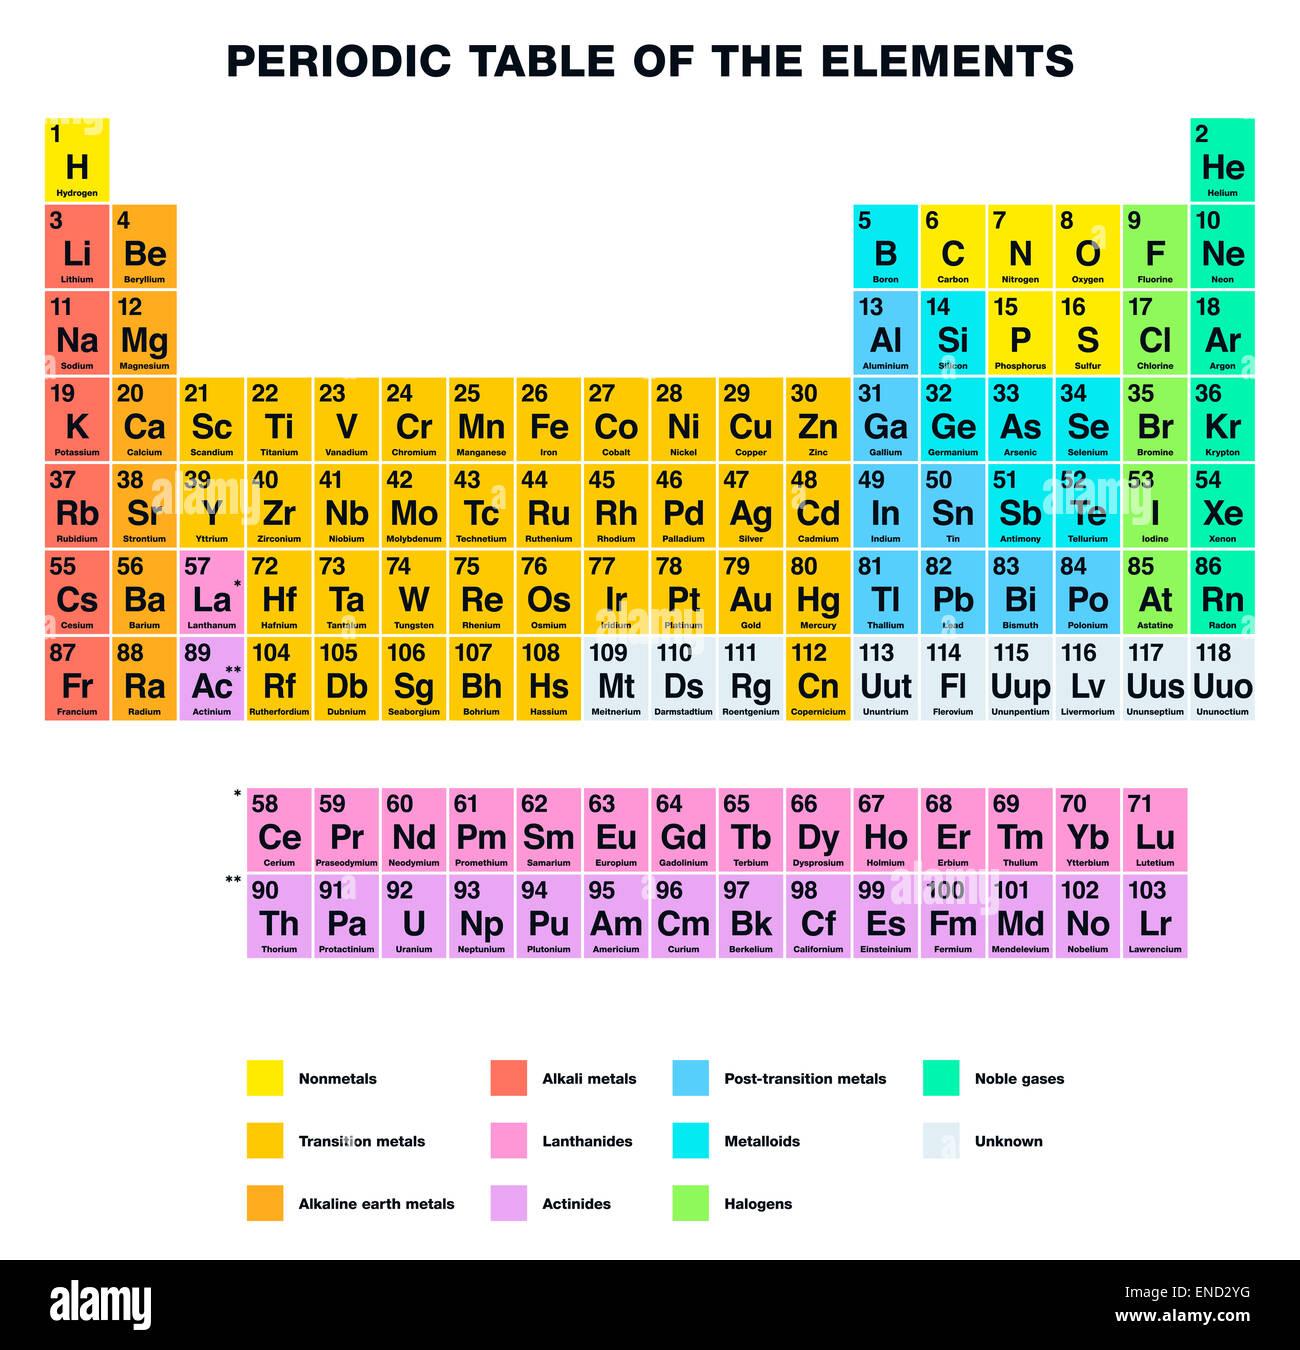 Tabla Periódica De Los Elementos Rótulos En Inglés